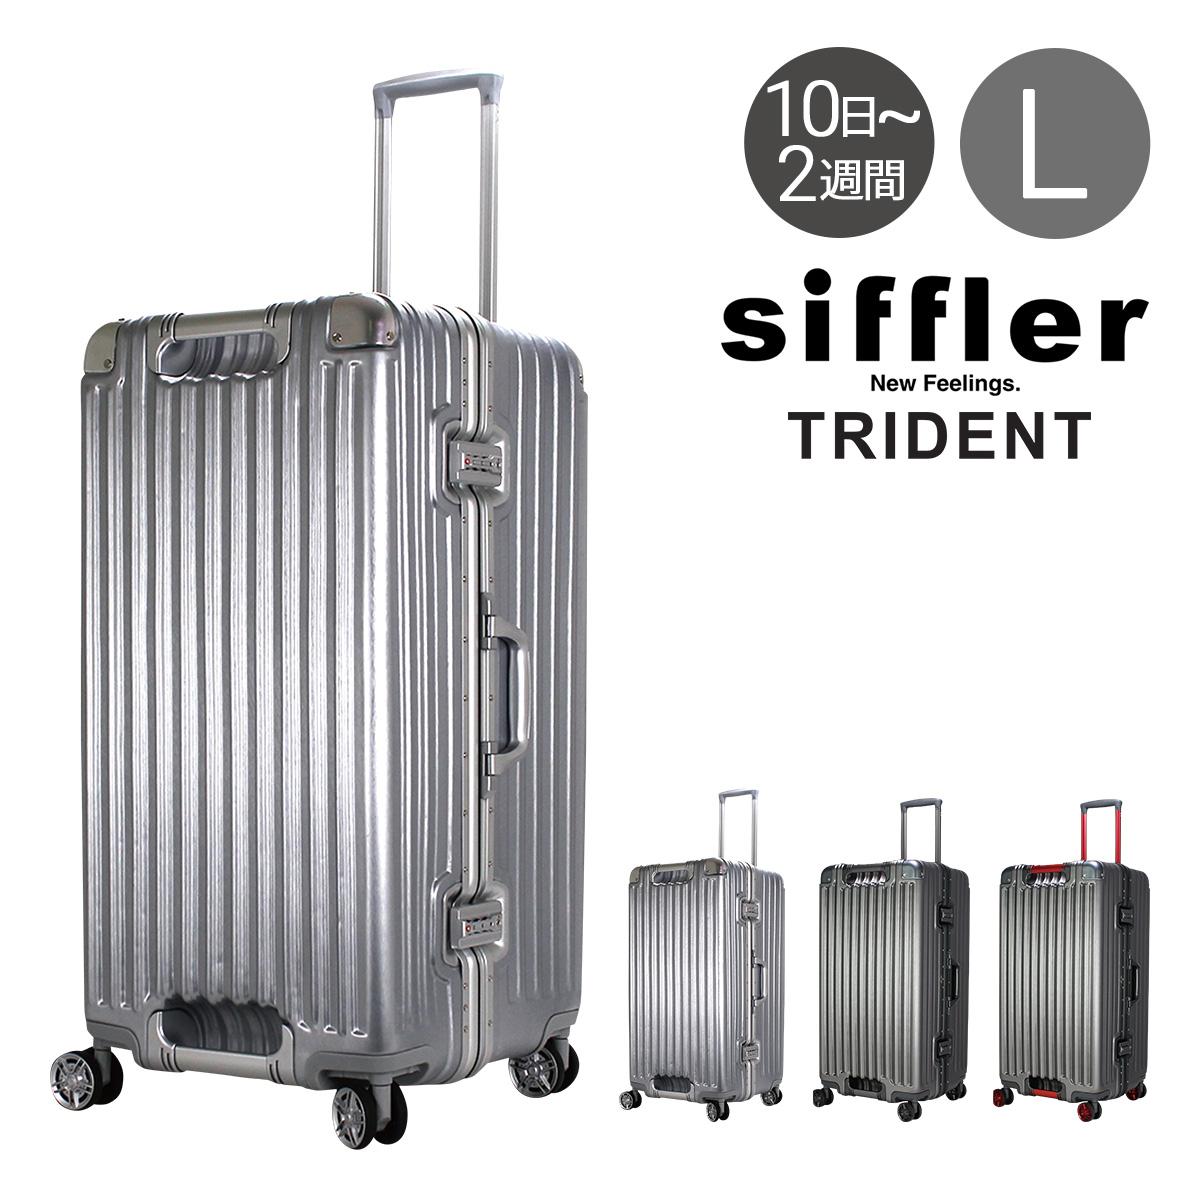 シフレ スーツケース 4輪|88L 73cm 5.8kg トライデント TRI1102-73|四角型 軽量 ハード フレーム Siffler|TSAロック搭載 キャリーバッグ キャリーケース